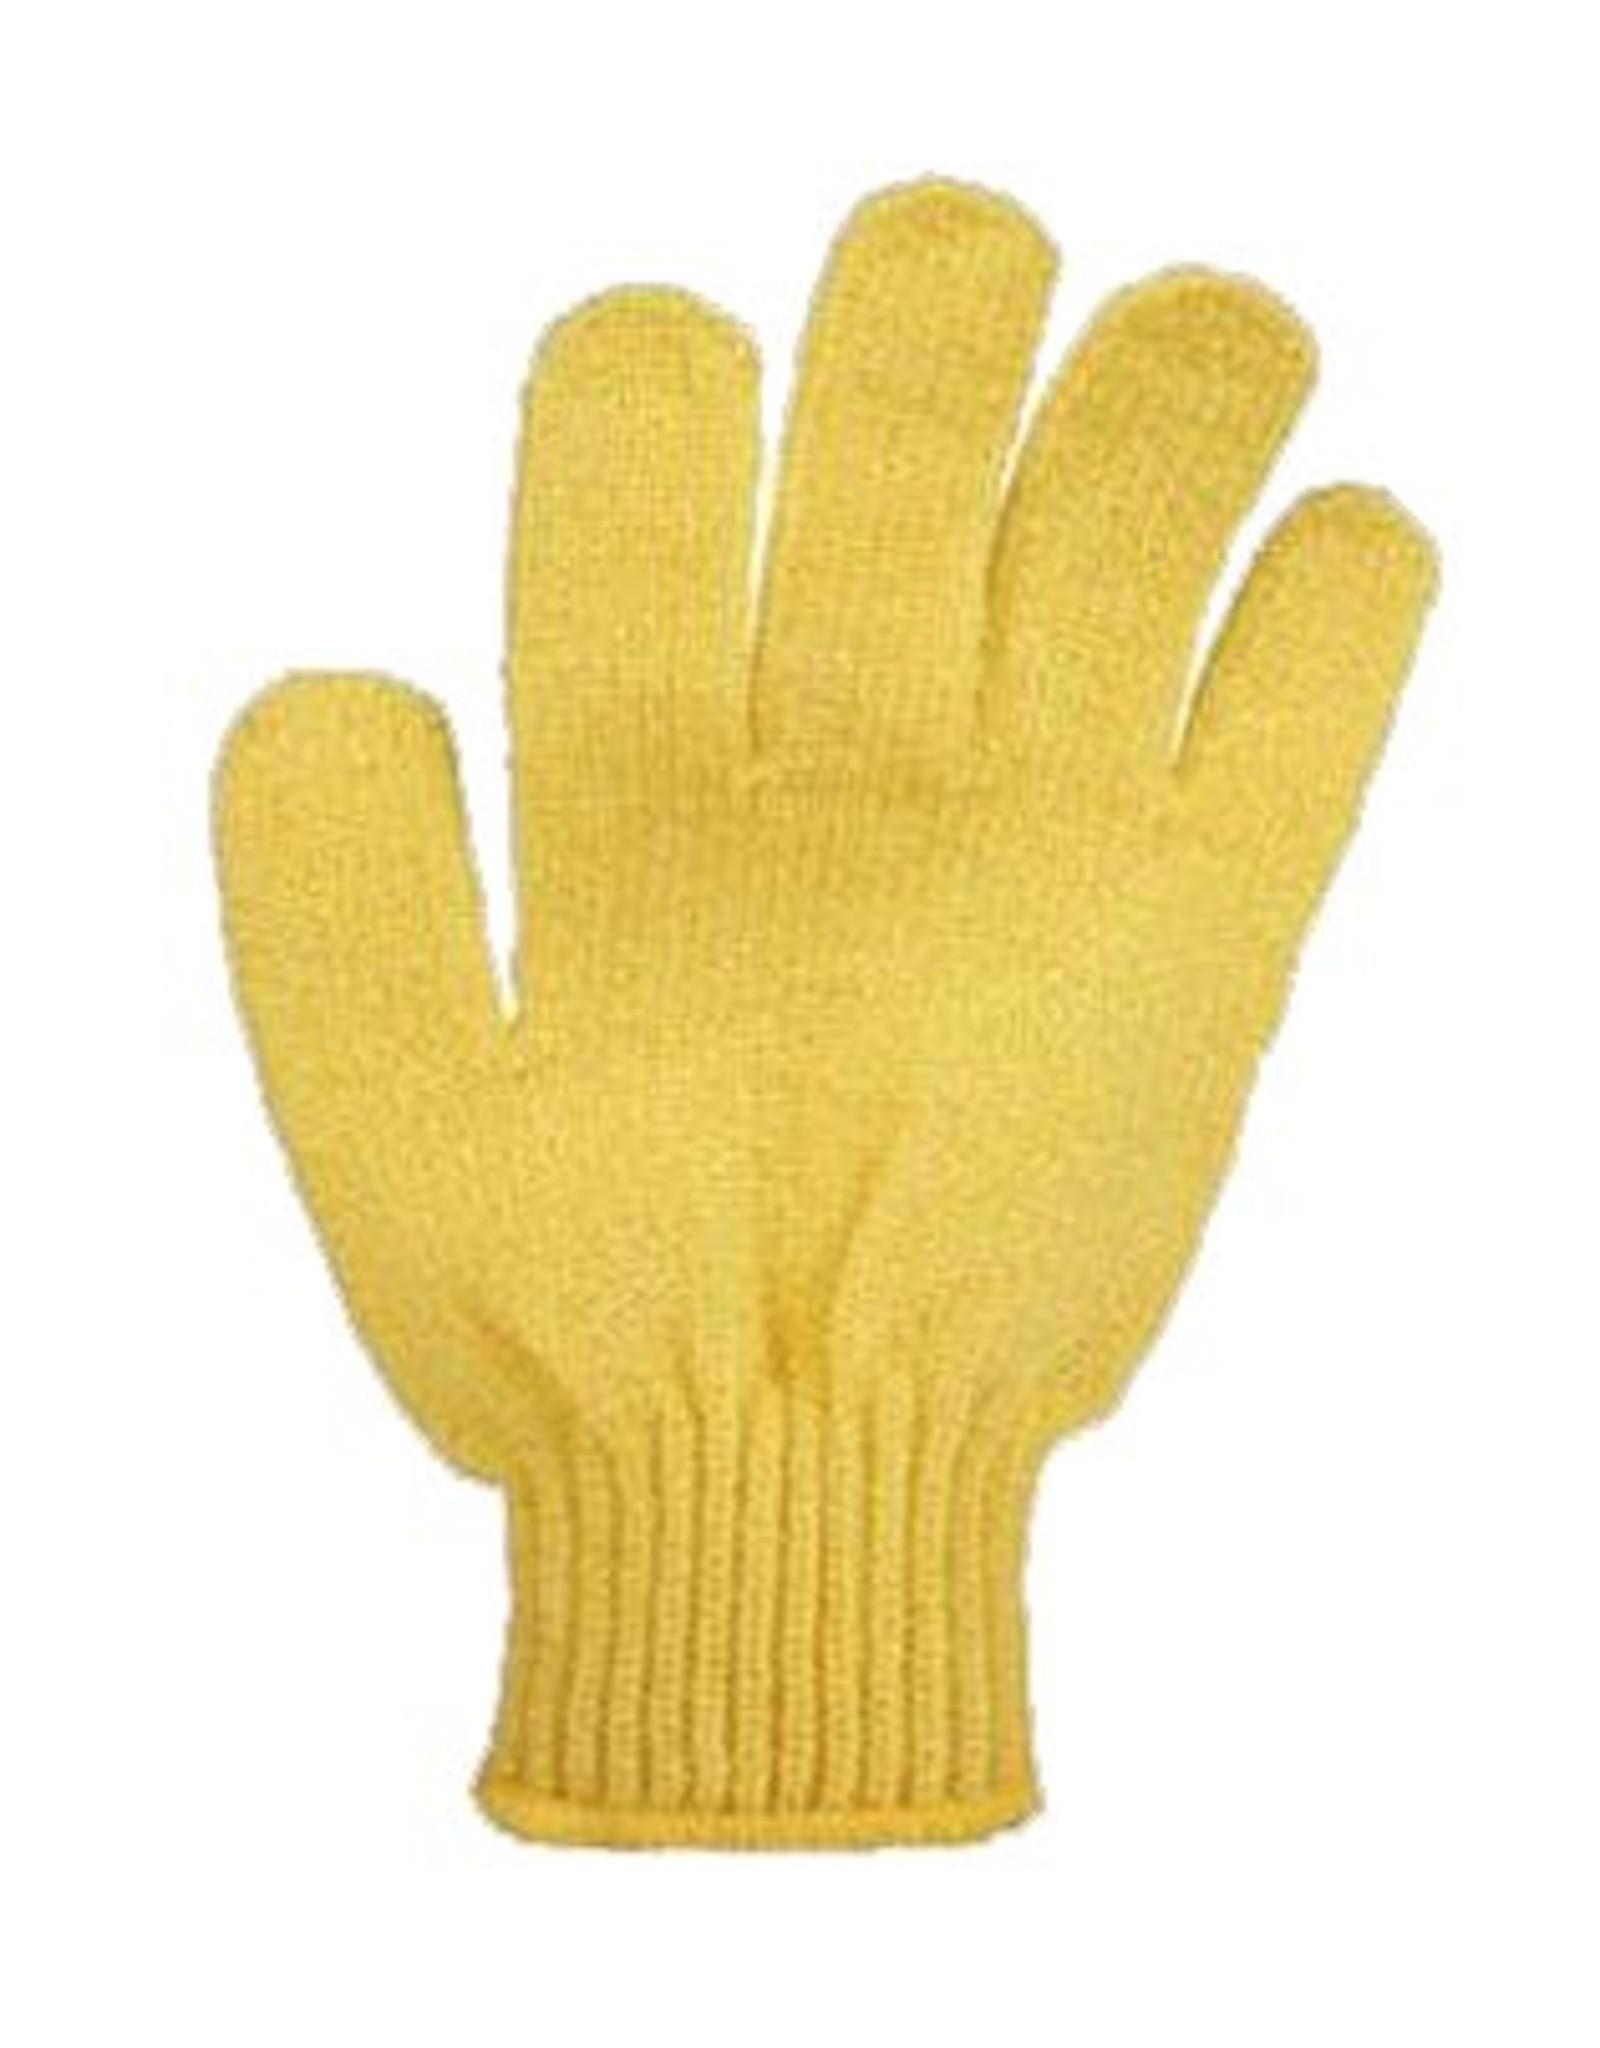 Scrub handschoen 'geel' - Body & Soap